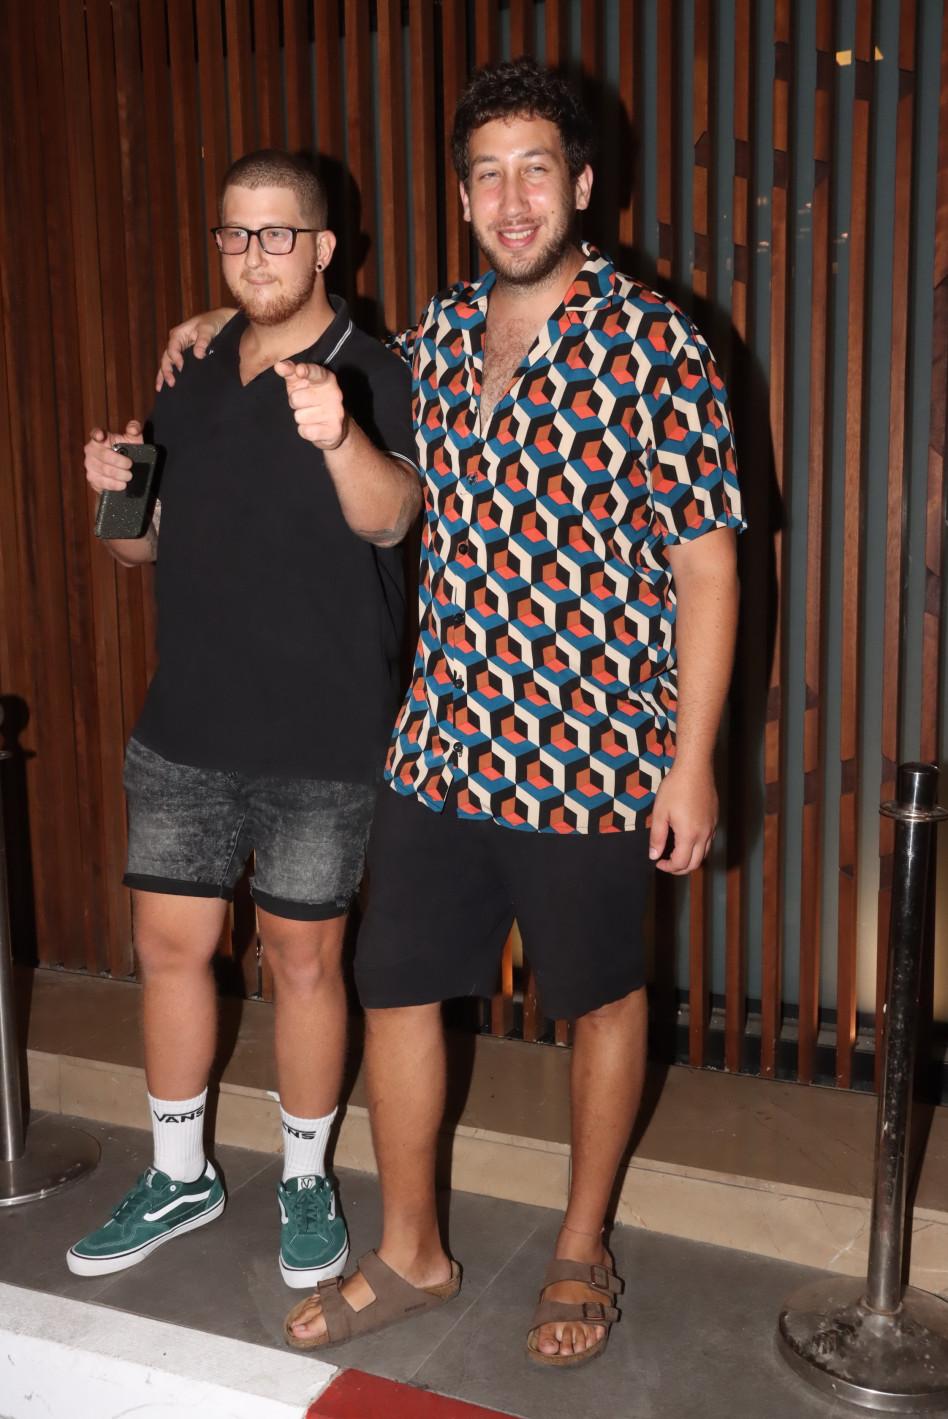 בן ואורי, המירוץ למיליון (צילום: אביב חופי)